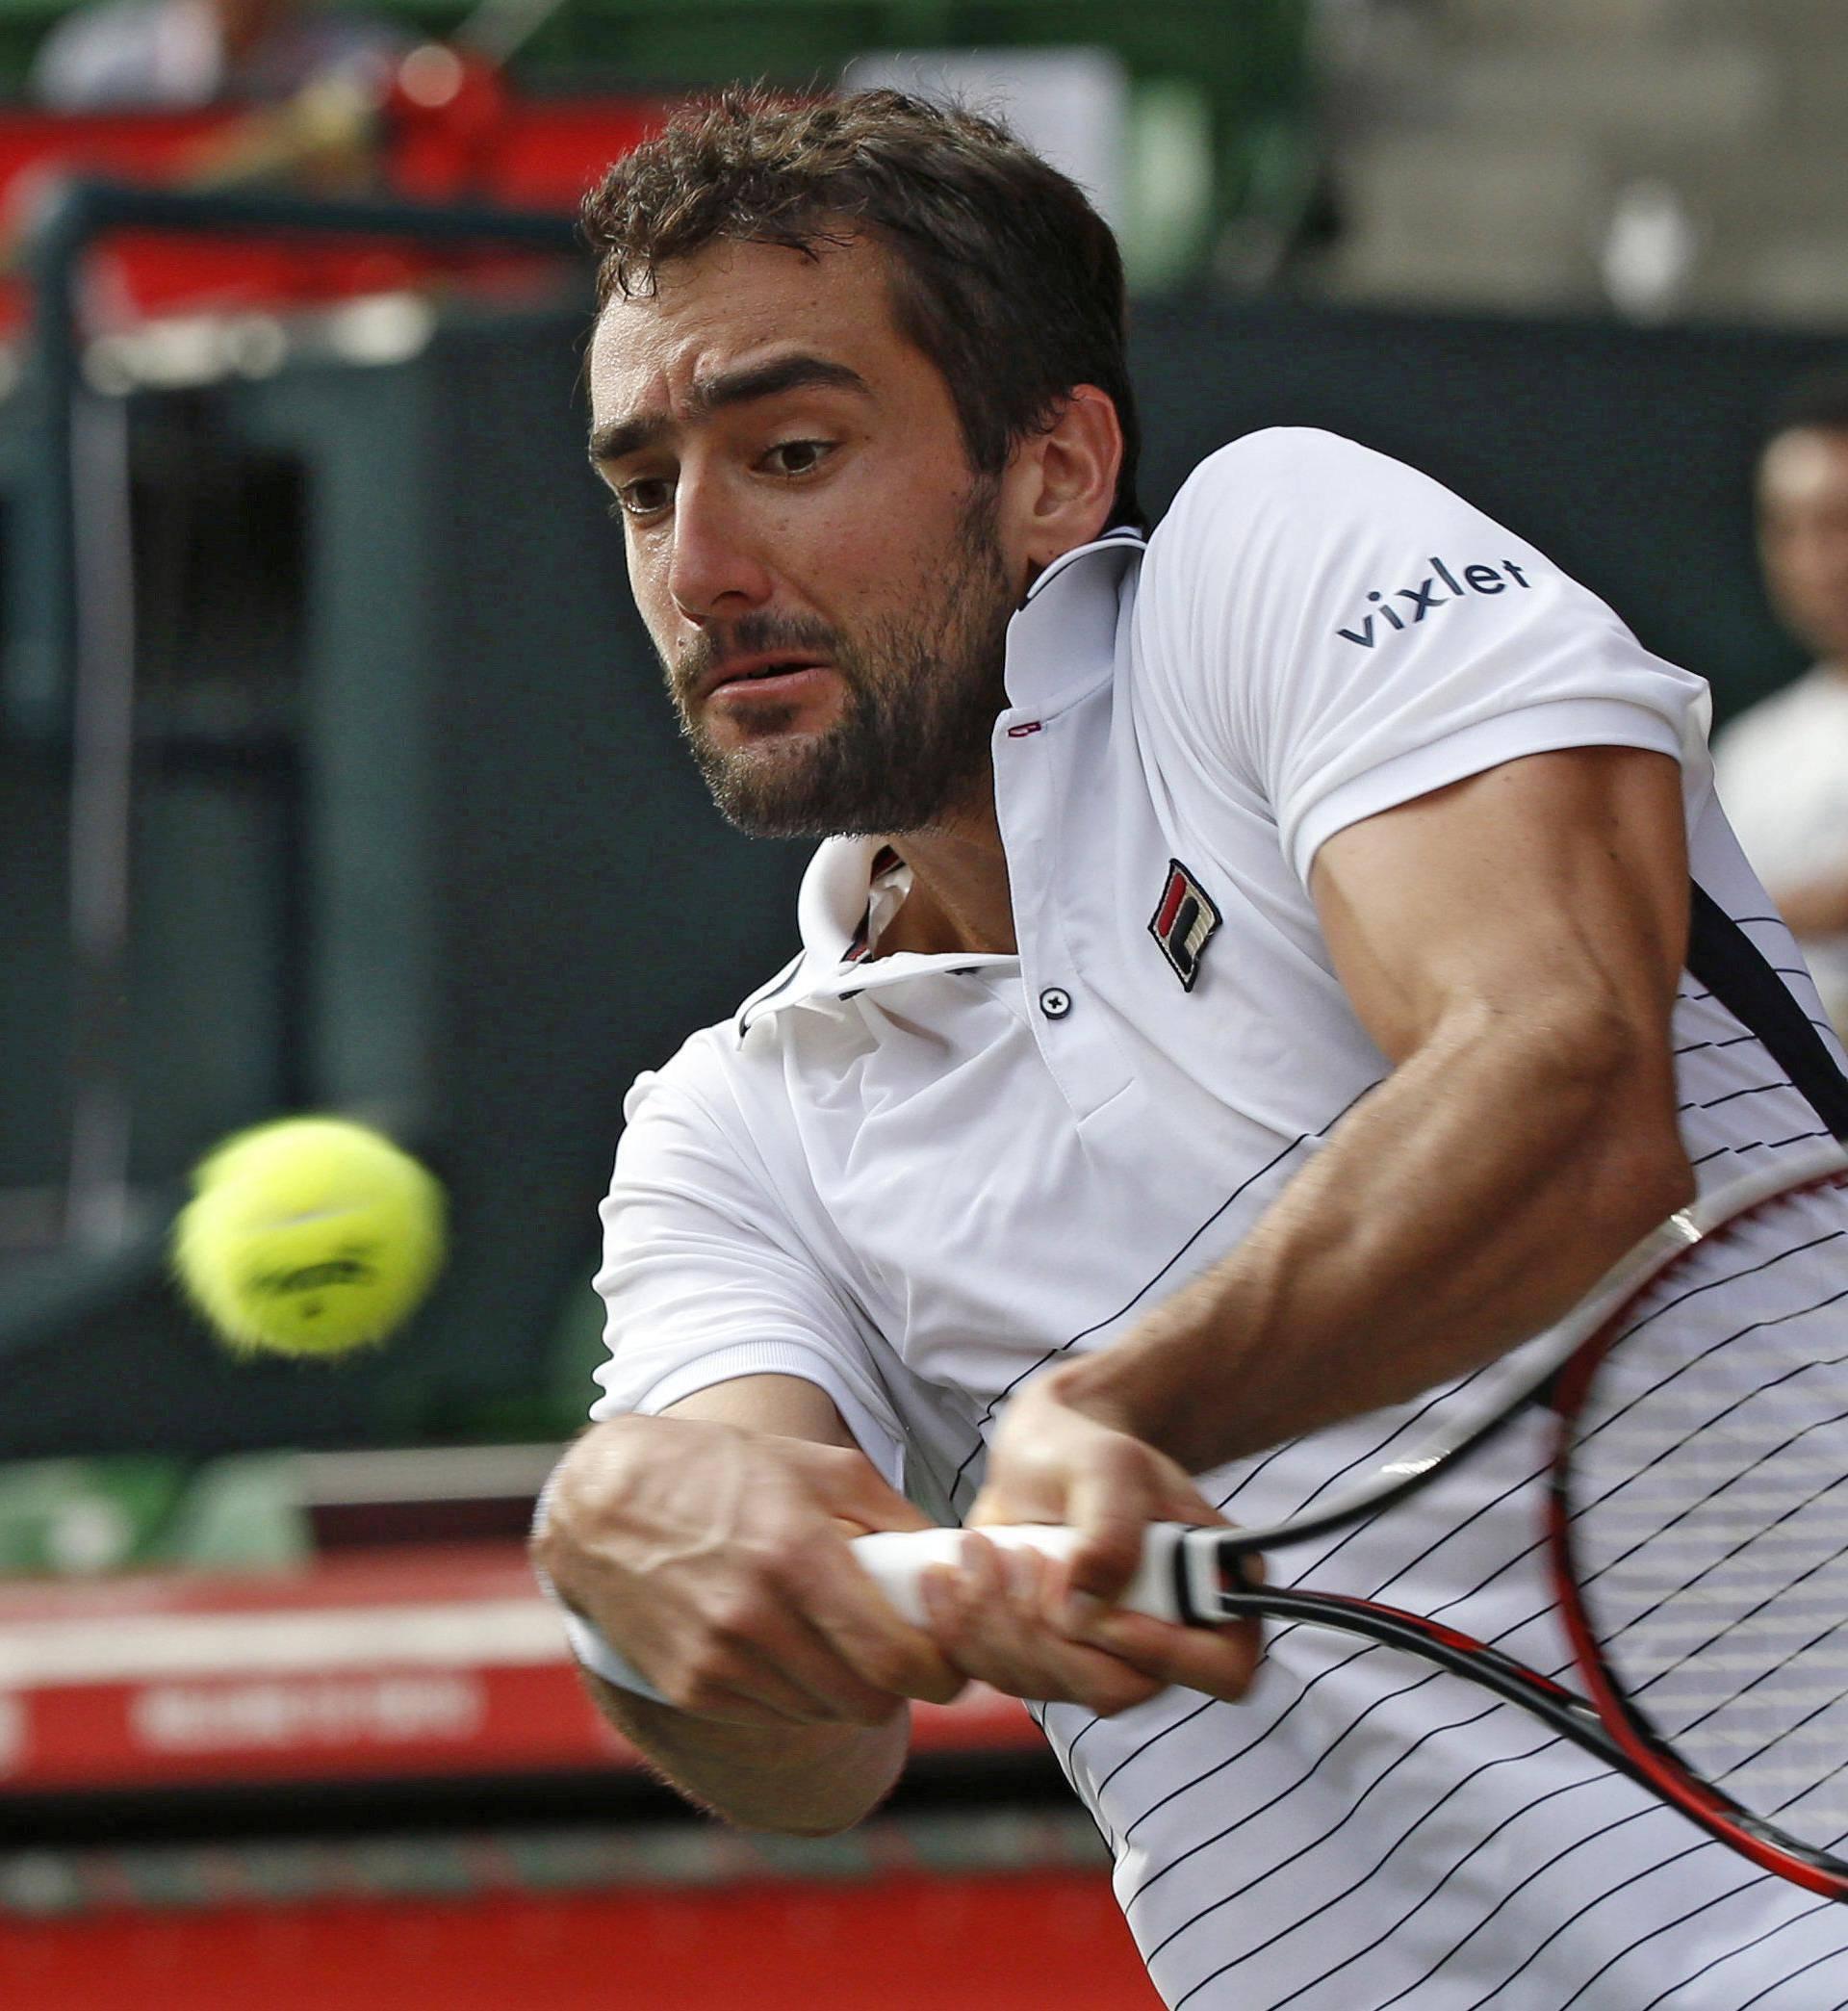 Tennis - Japan Open men's Singles Quarterfinal Match